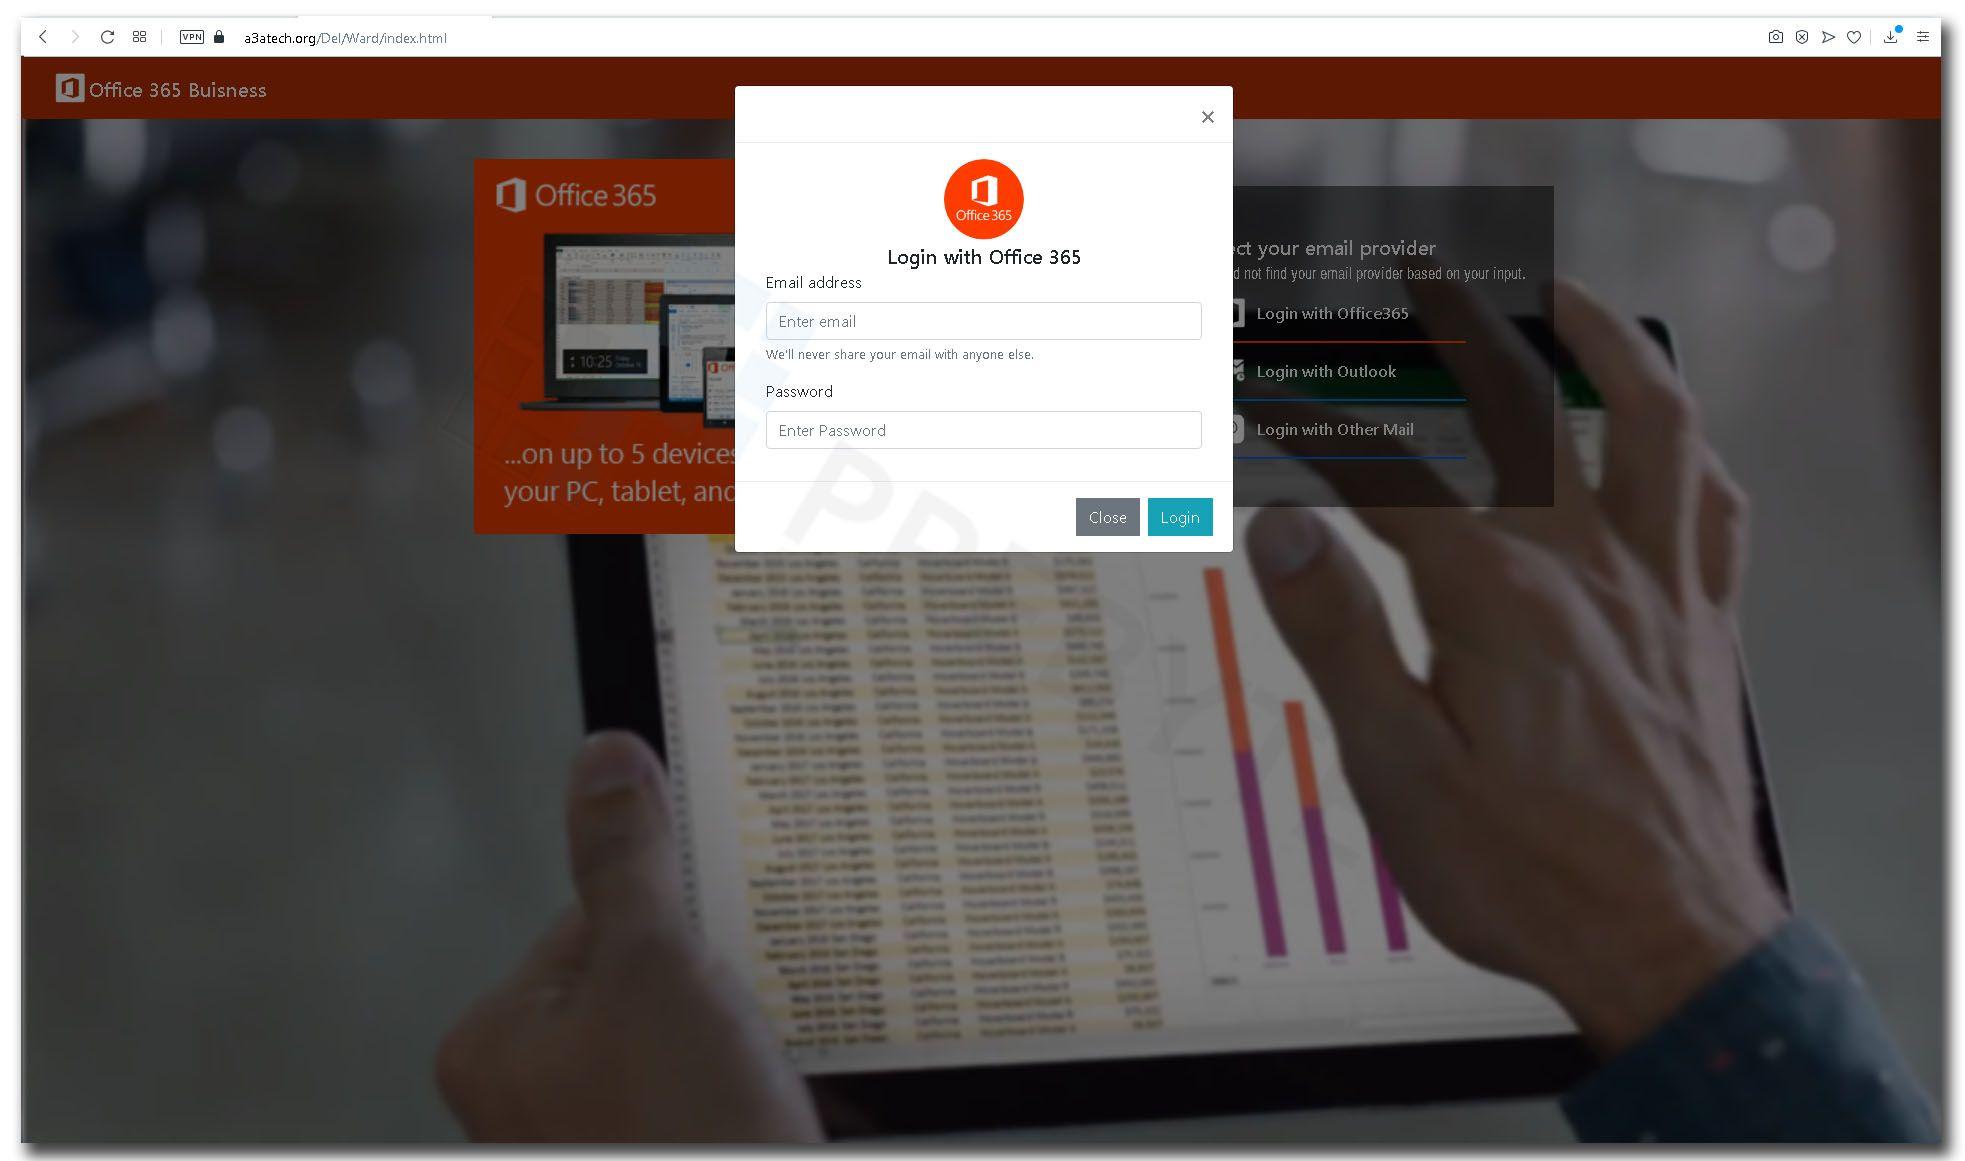 Okno logowania do konta Office 365